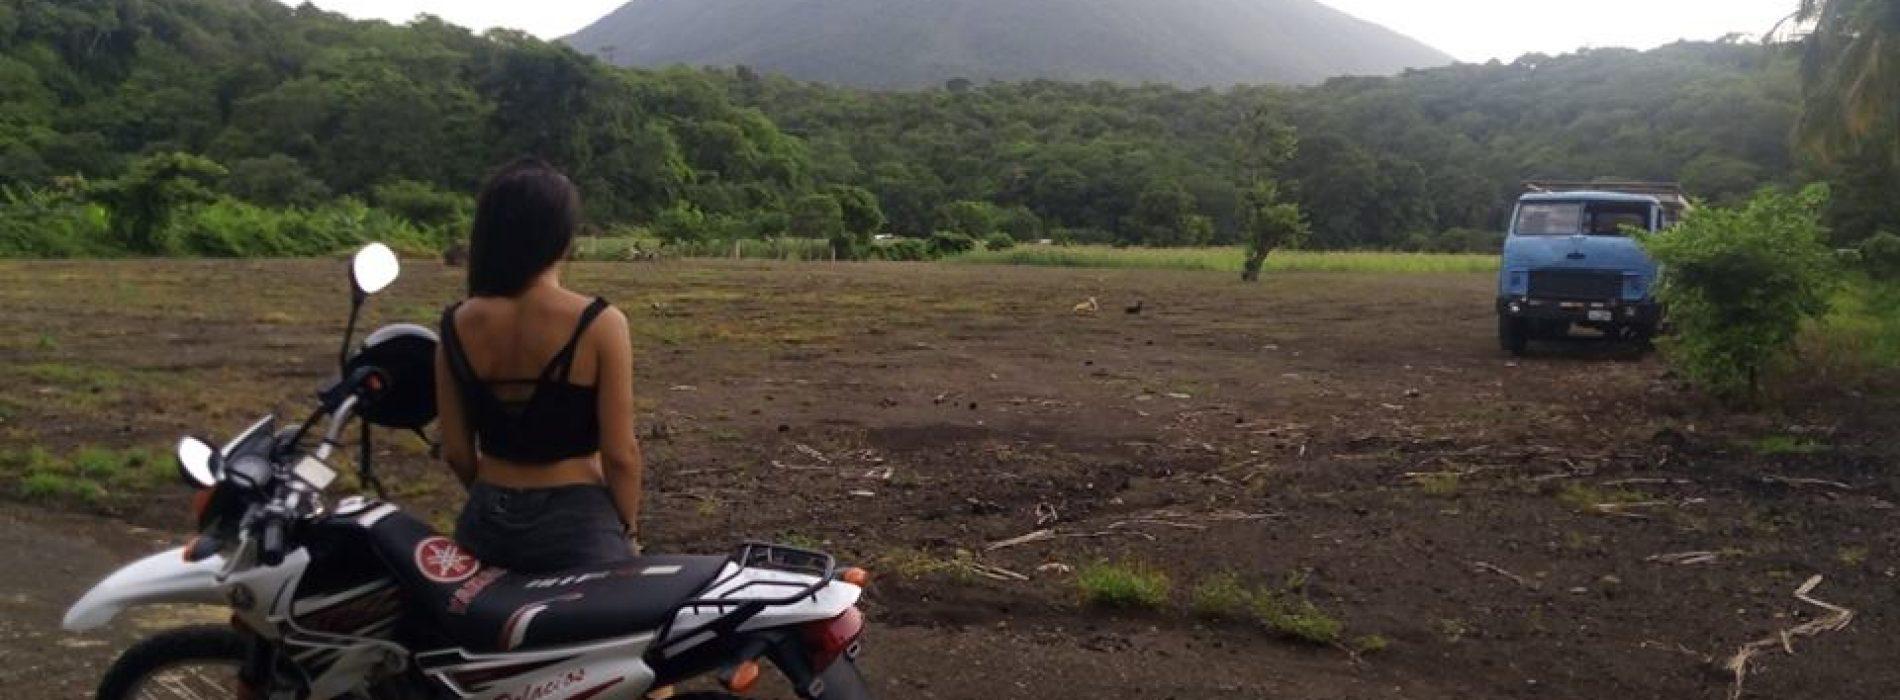 Yolumun Üstündeyken Nikaragua'ya Gideyim İstedim